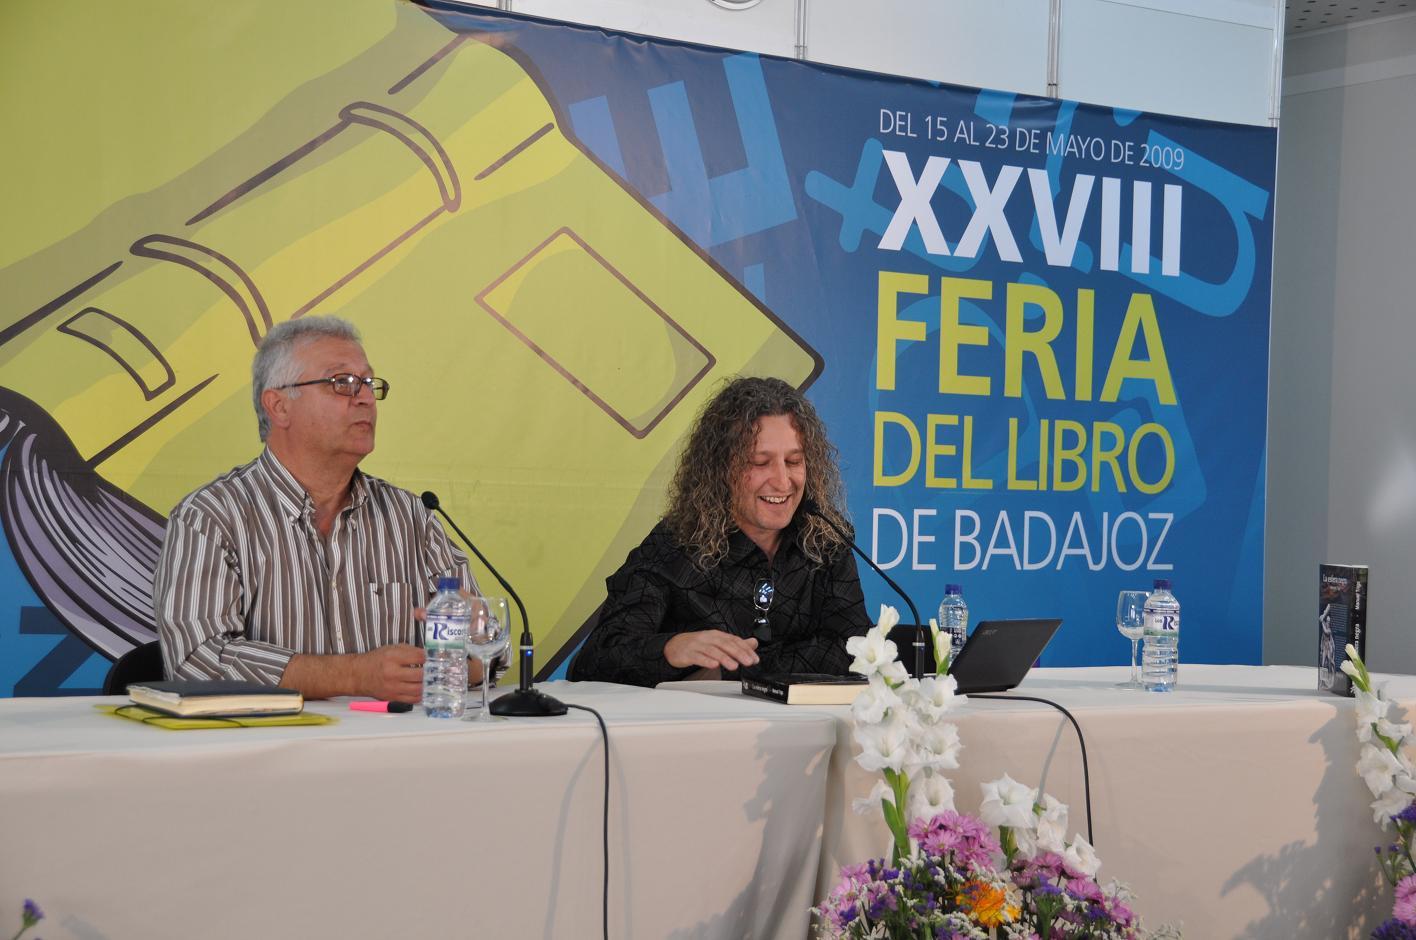 Presentación de la novela La esfera ngera en la Feria del Libro de Badajoz de 2009